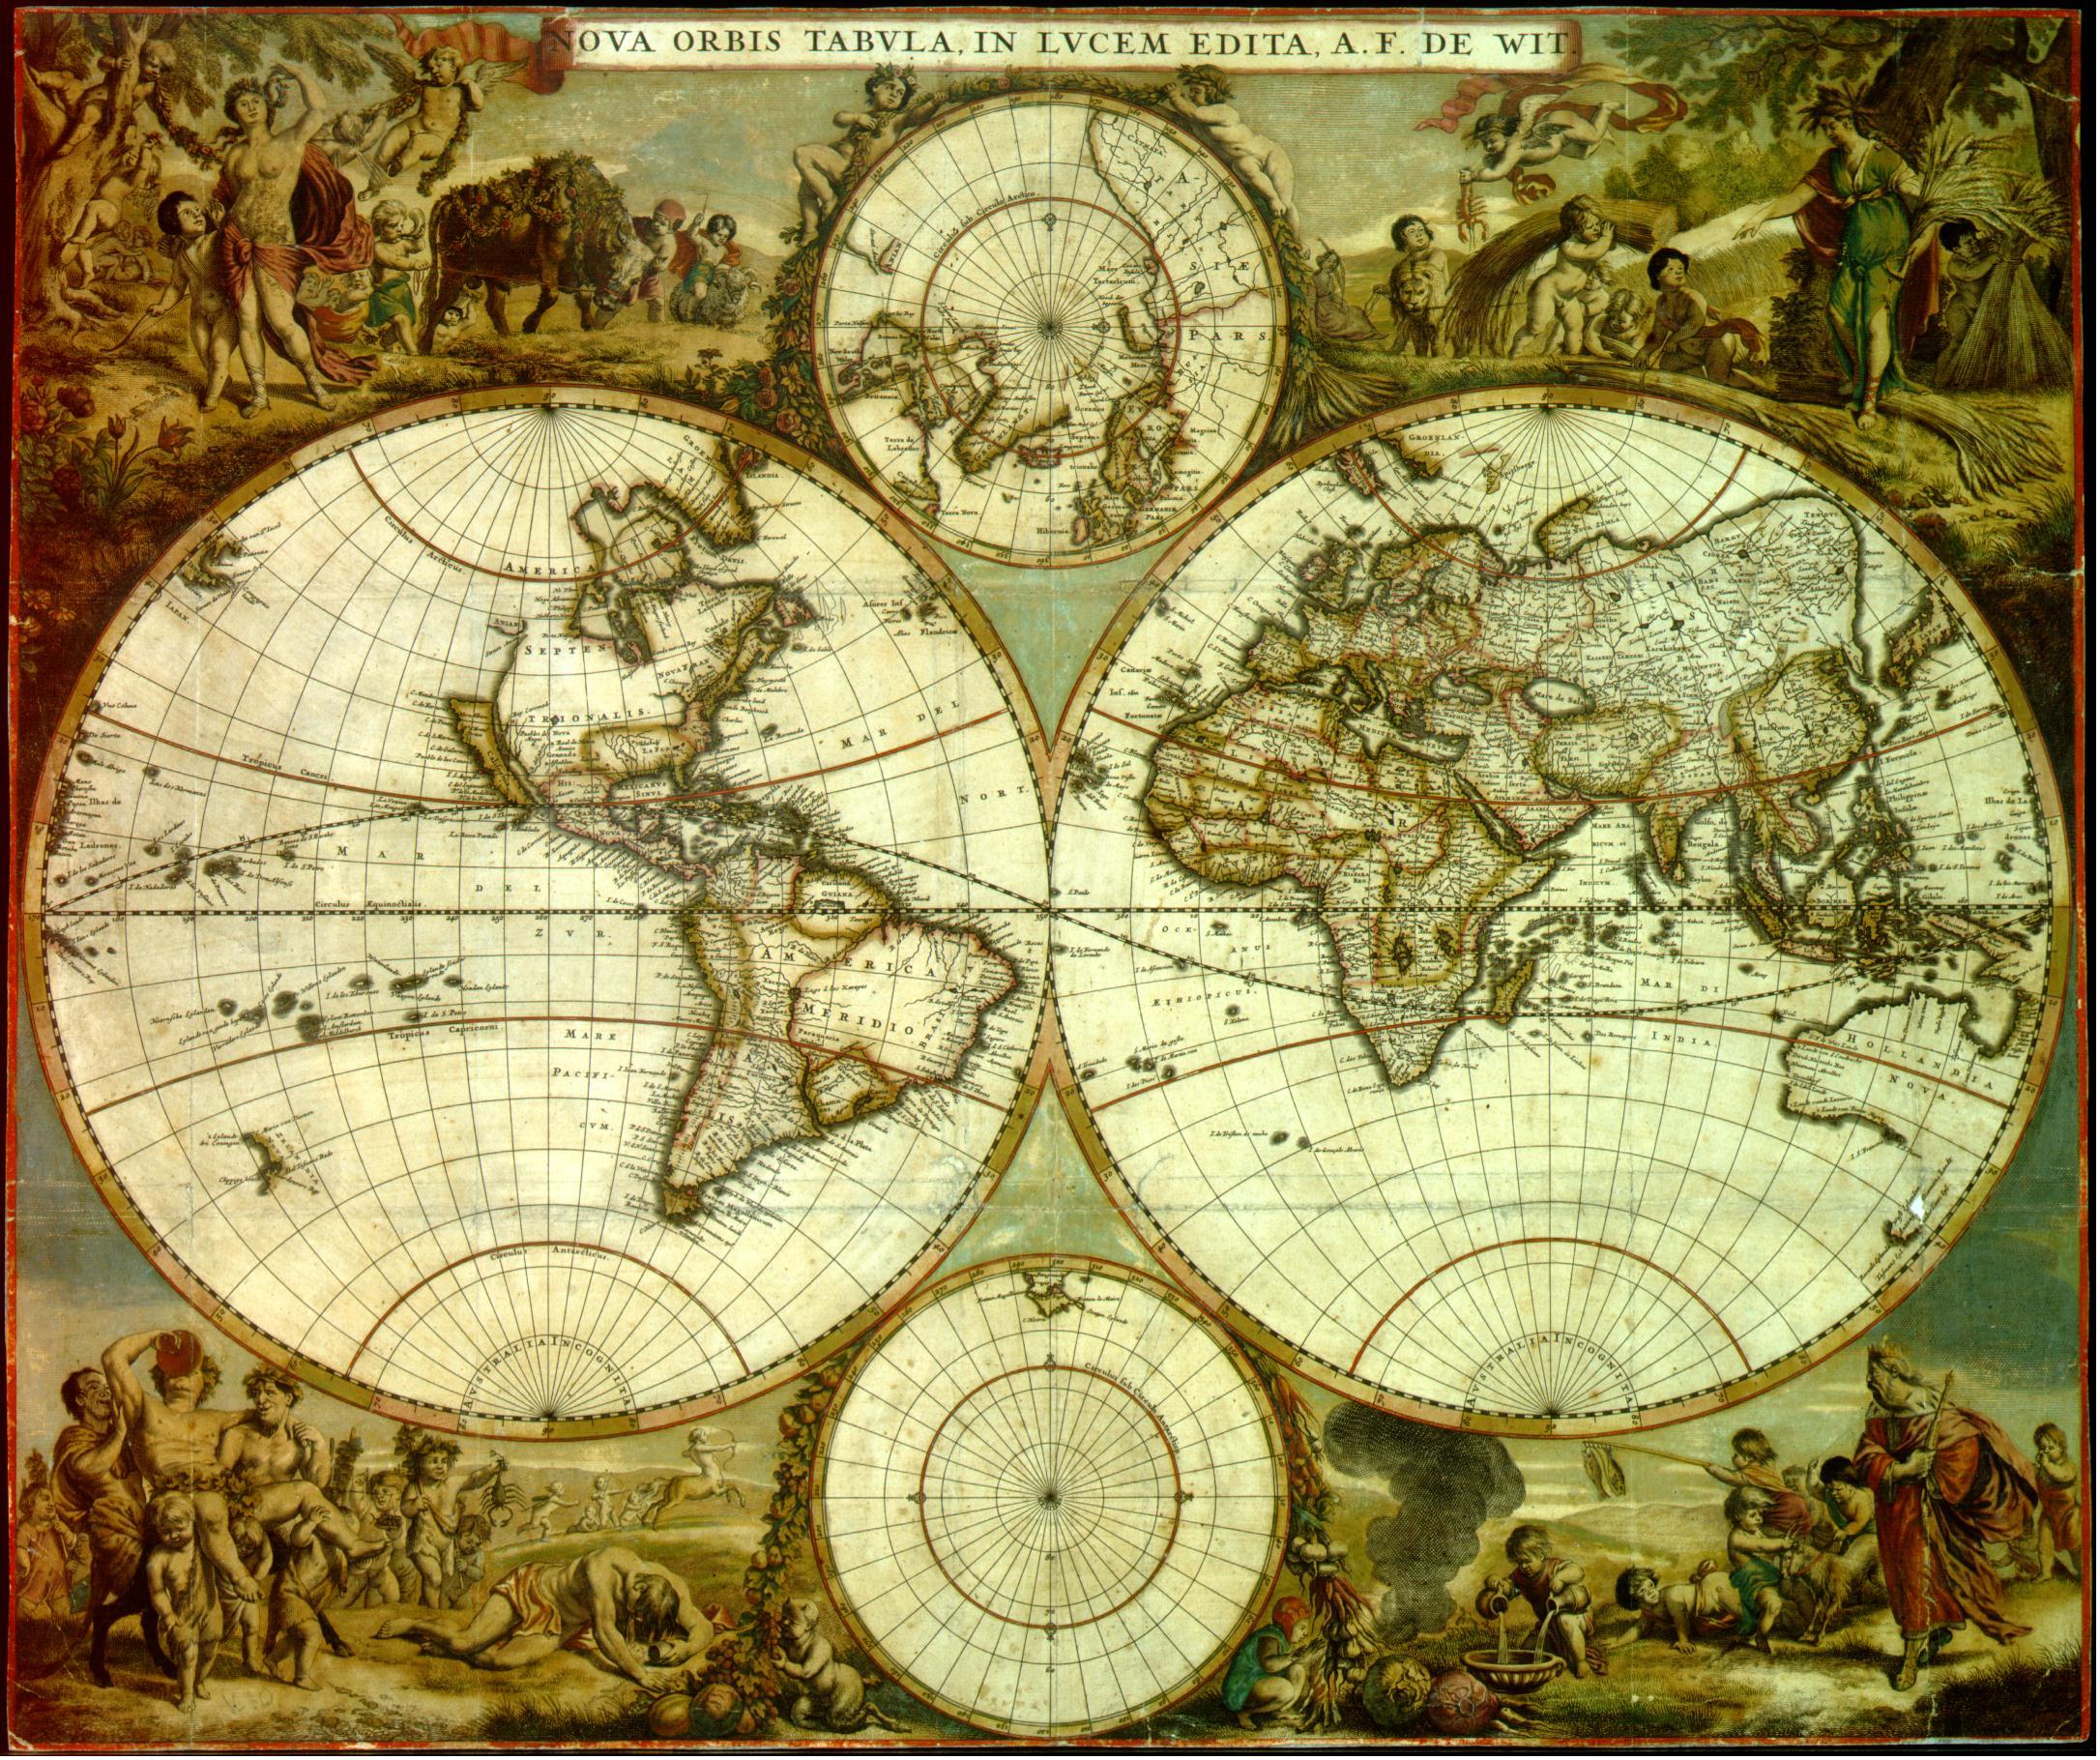 Stare geografske mape i karte Mapa-del-Mundo-Nova-Orbis-Tabula-1662-59